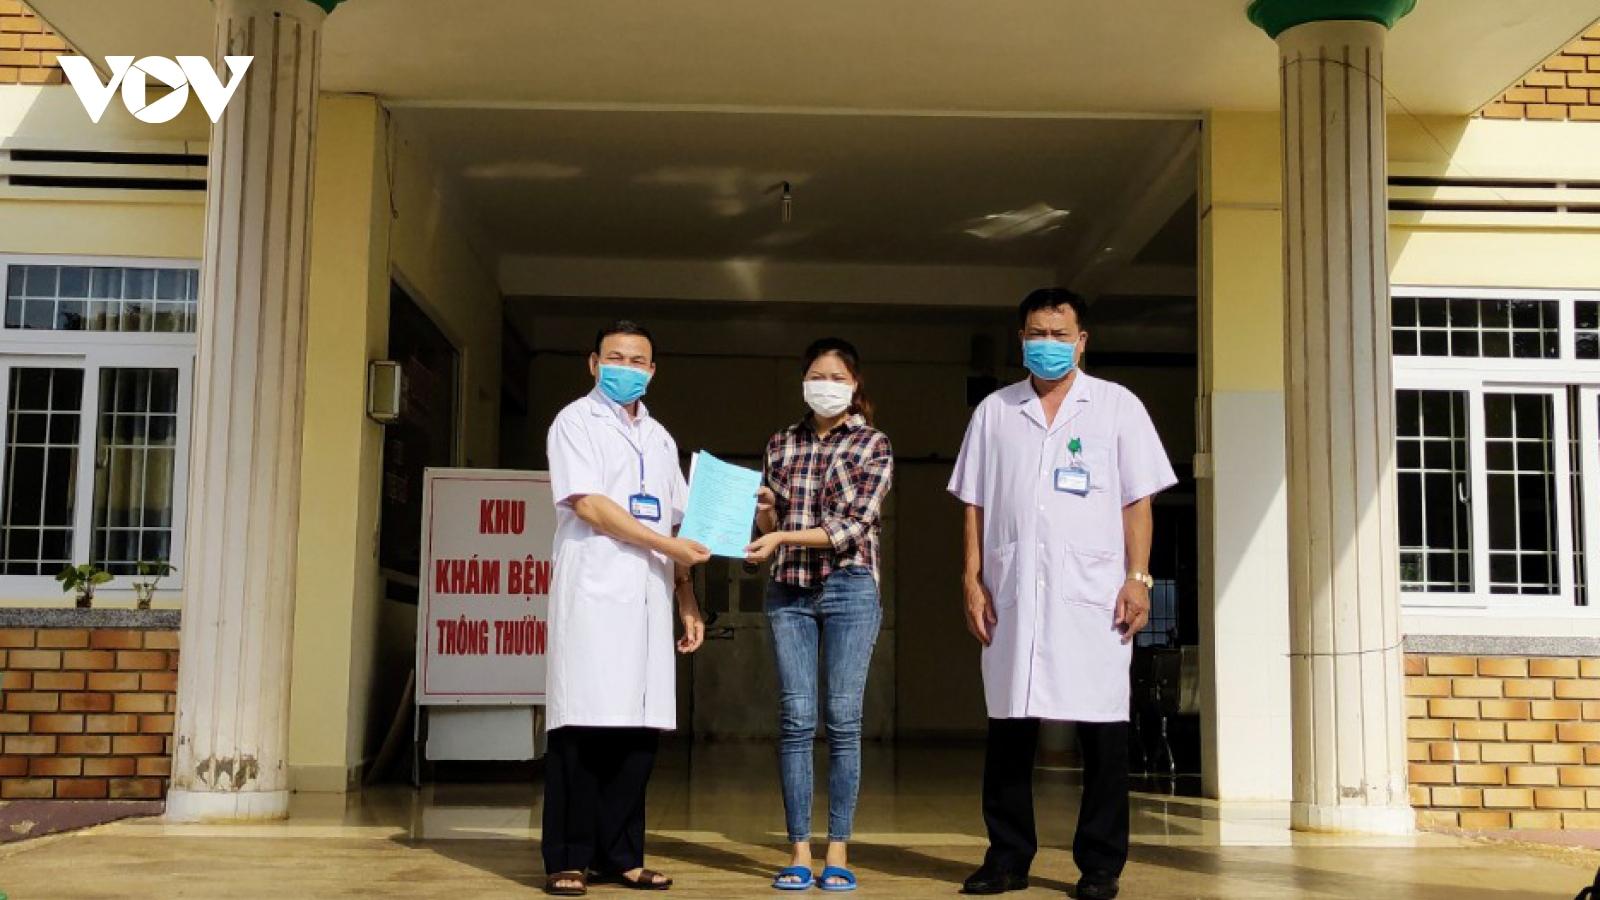 Bệnh nhân mắc COVID-19 ở Đắk Lắk đã xuất viện sau 21 ngày điều trị